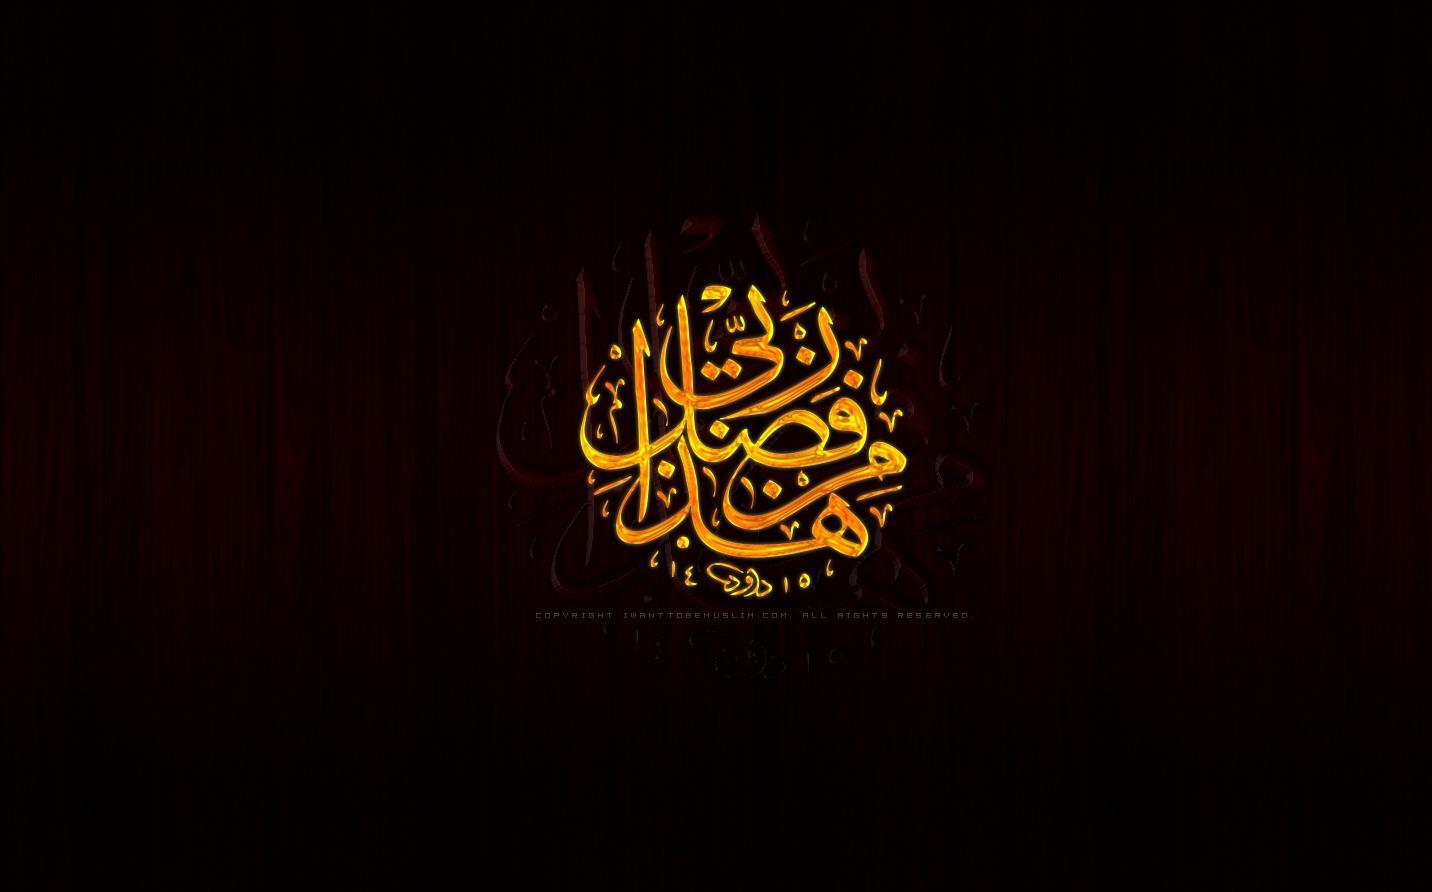 بالصور خلفيات اسلامية للموبايل , اجمل خلفيه اسلاميه للموبايل 437 5